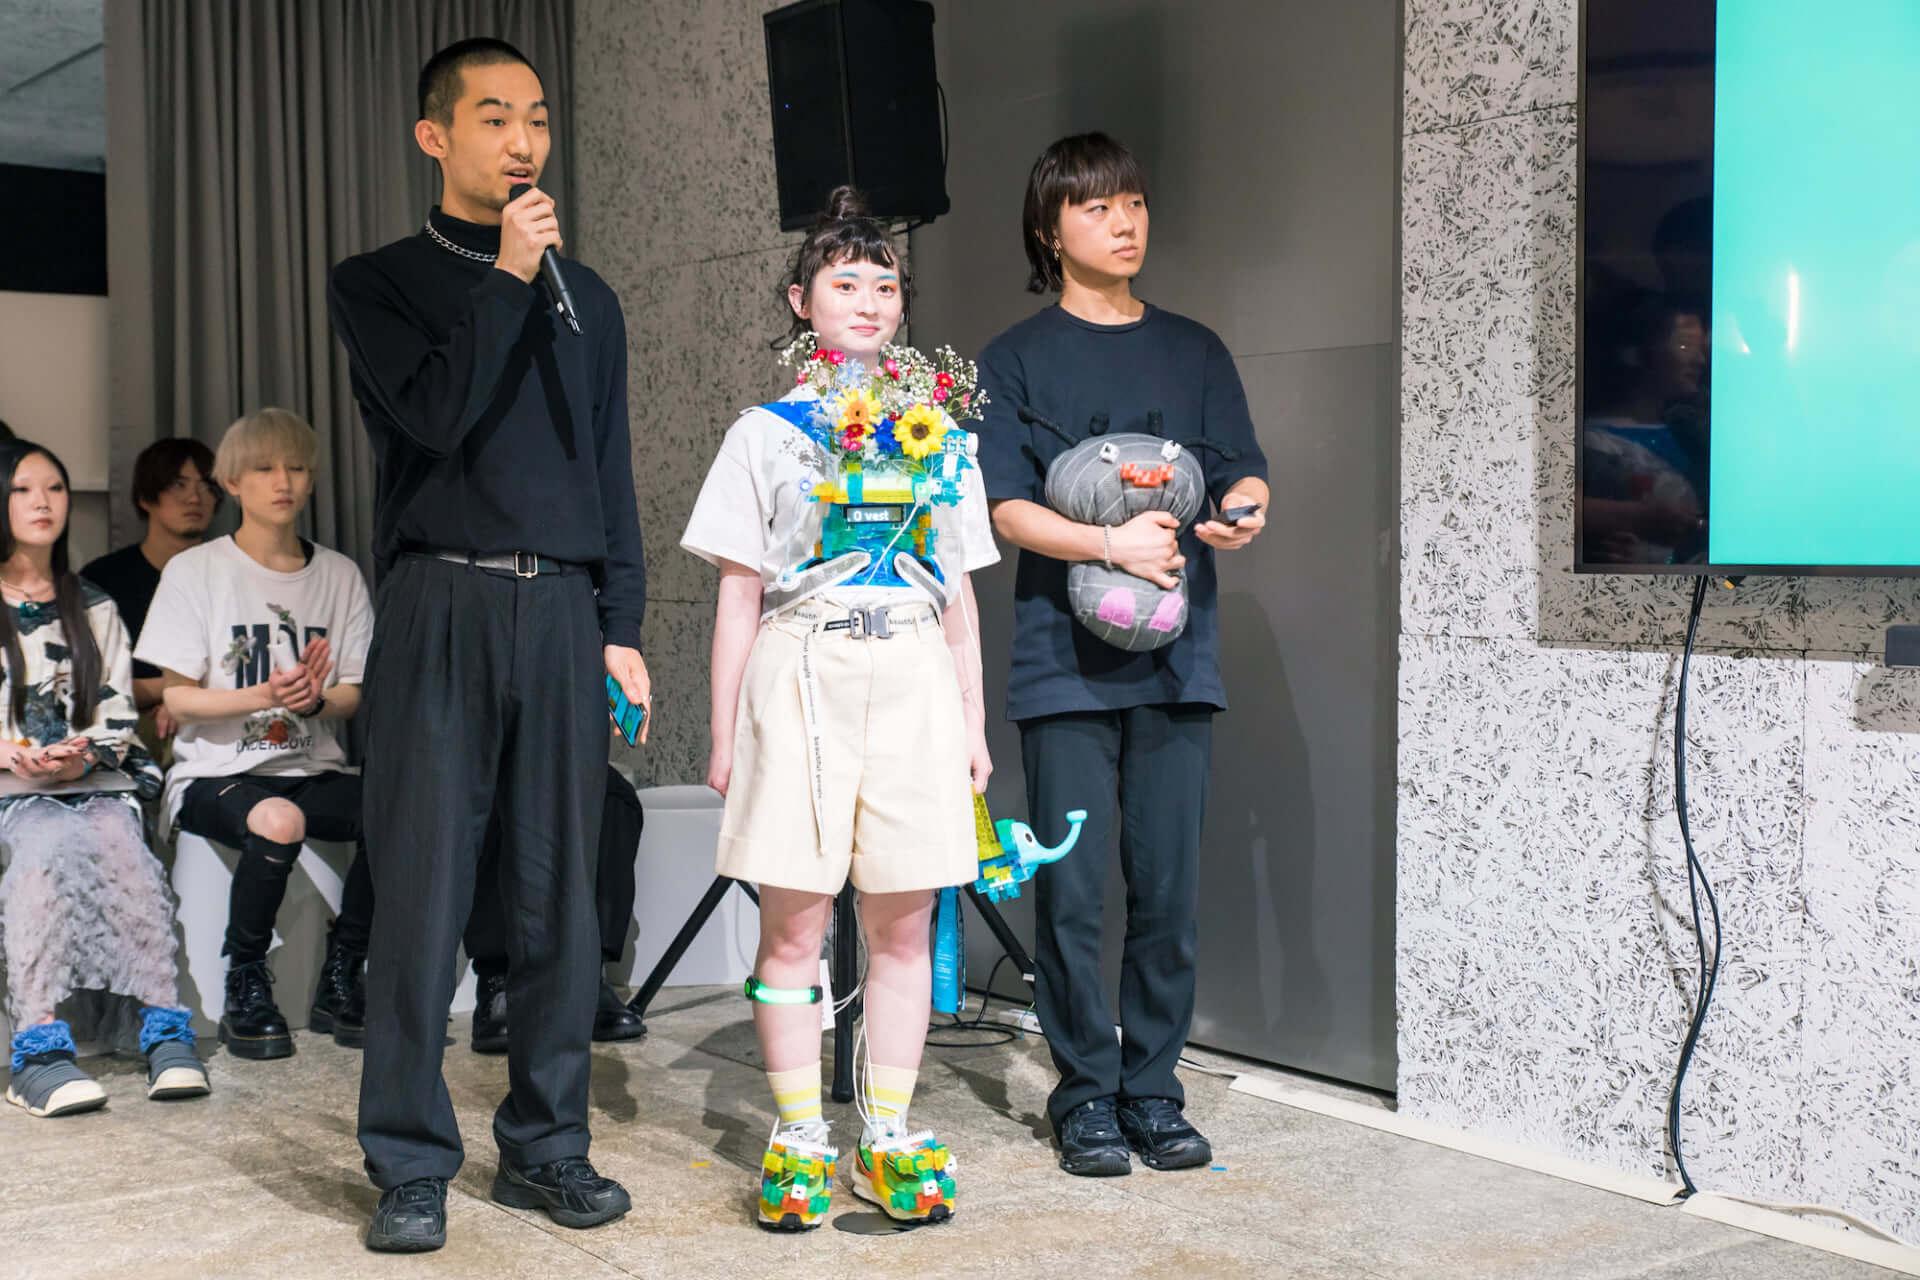 次世代クリエイターが挑戦する、ソニーのテクノロジーとファッションの可能性とは? 358A5494-1920x1280